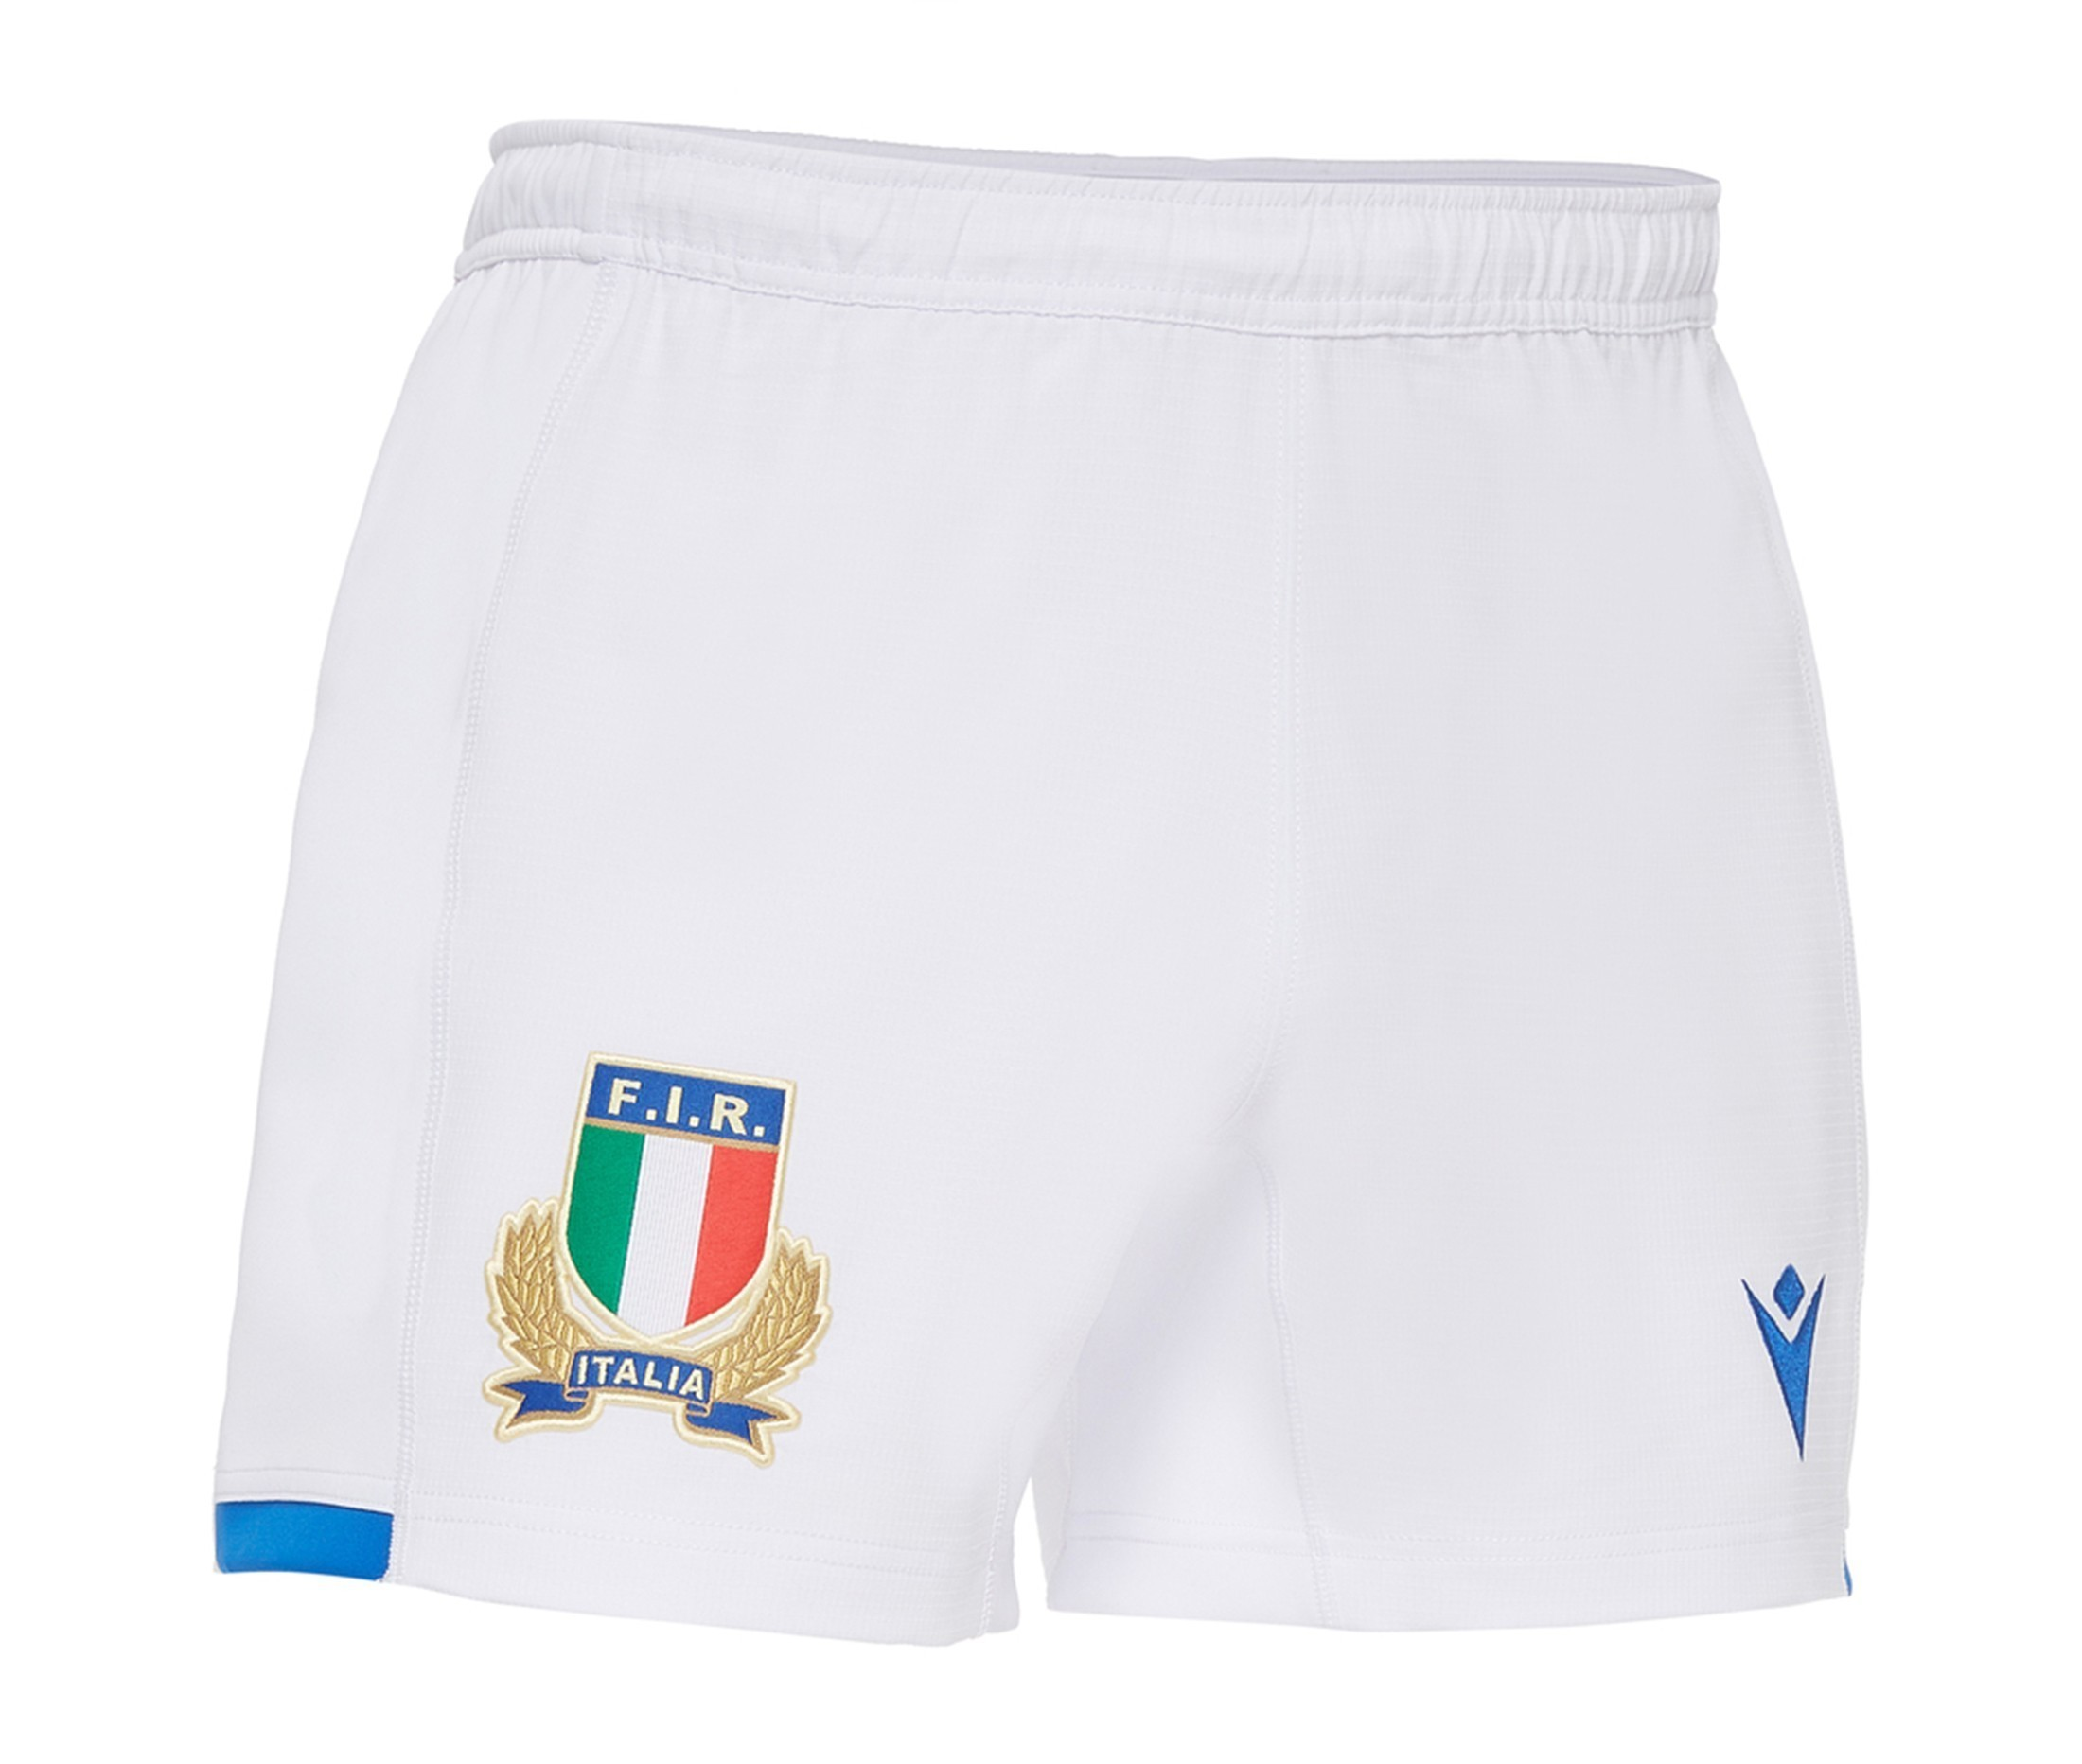 SQUZEA Italie Jersey /à Manches Longues de Football Surv/êtements Club V/êtements for Adultes de v/êtements de Sport for Hommes et Pantalons v/êtements de Formation de l/équipe comp/étition